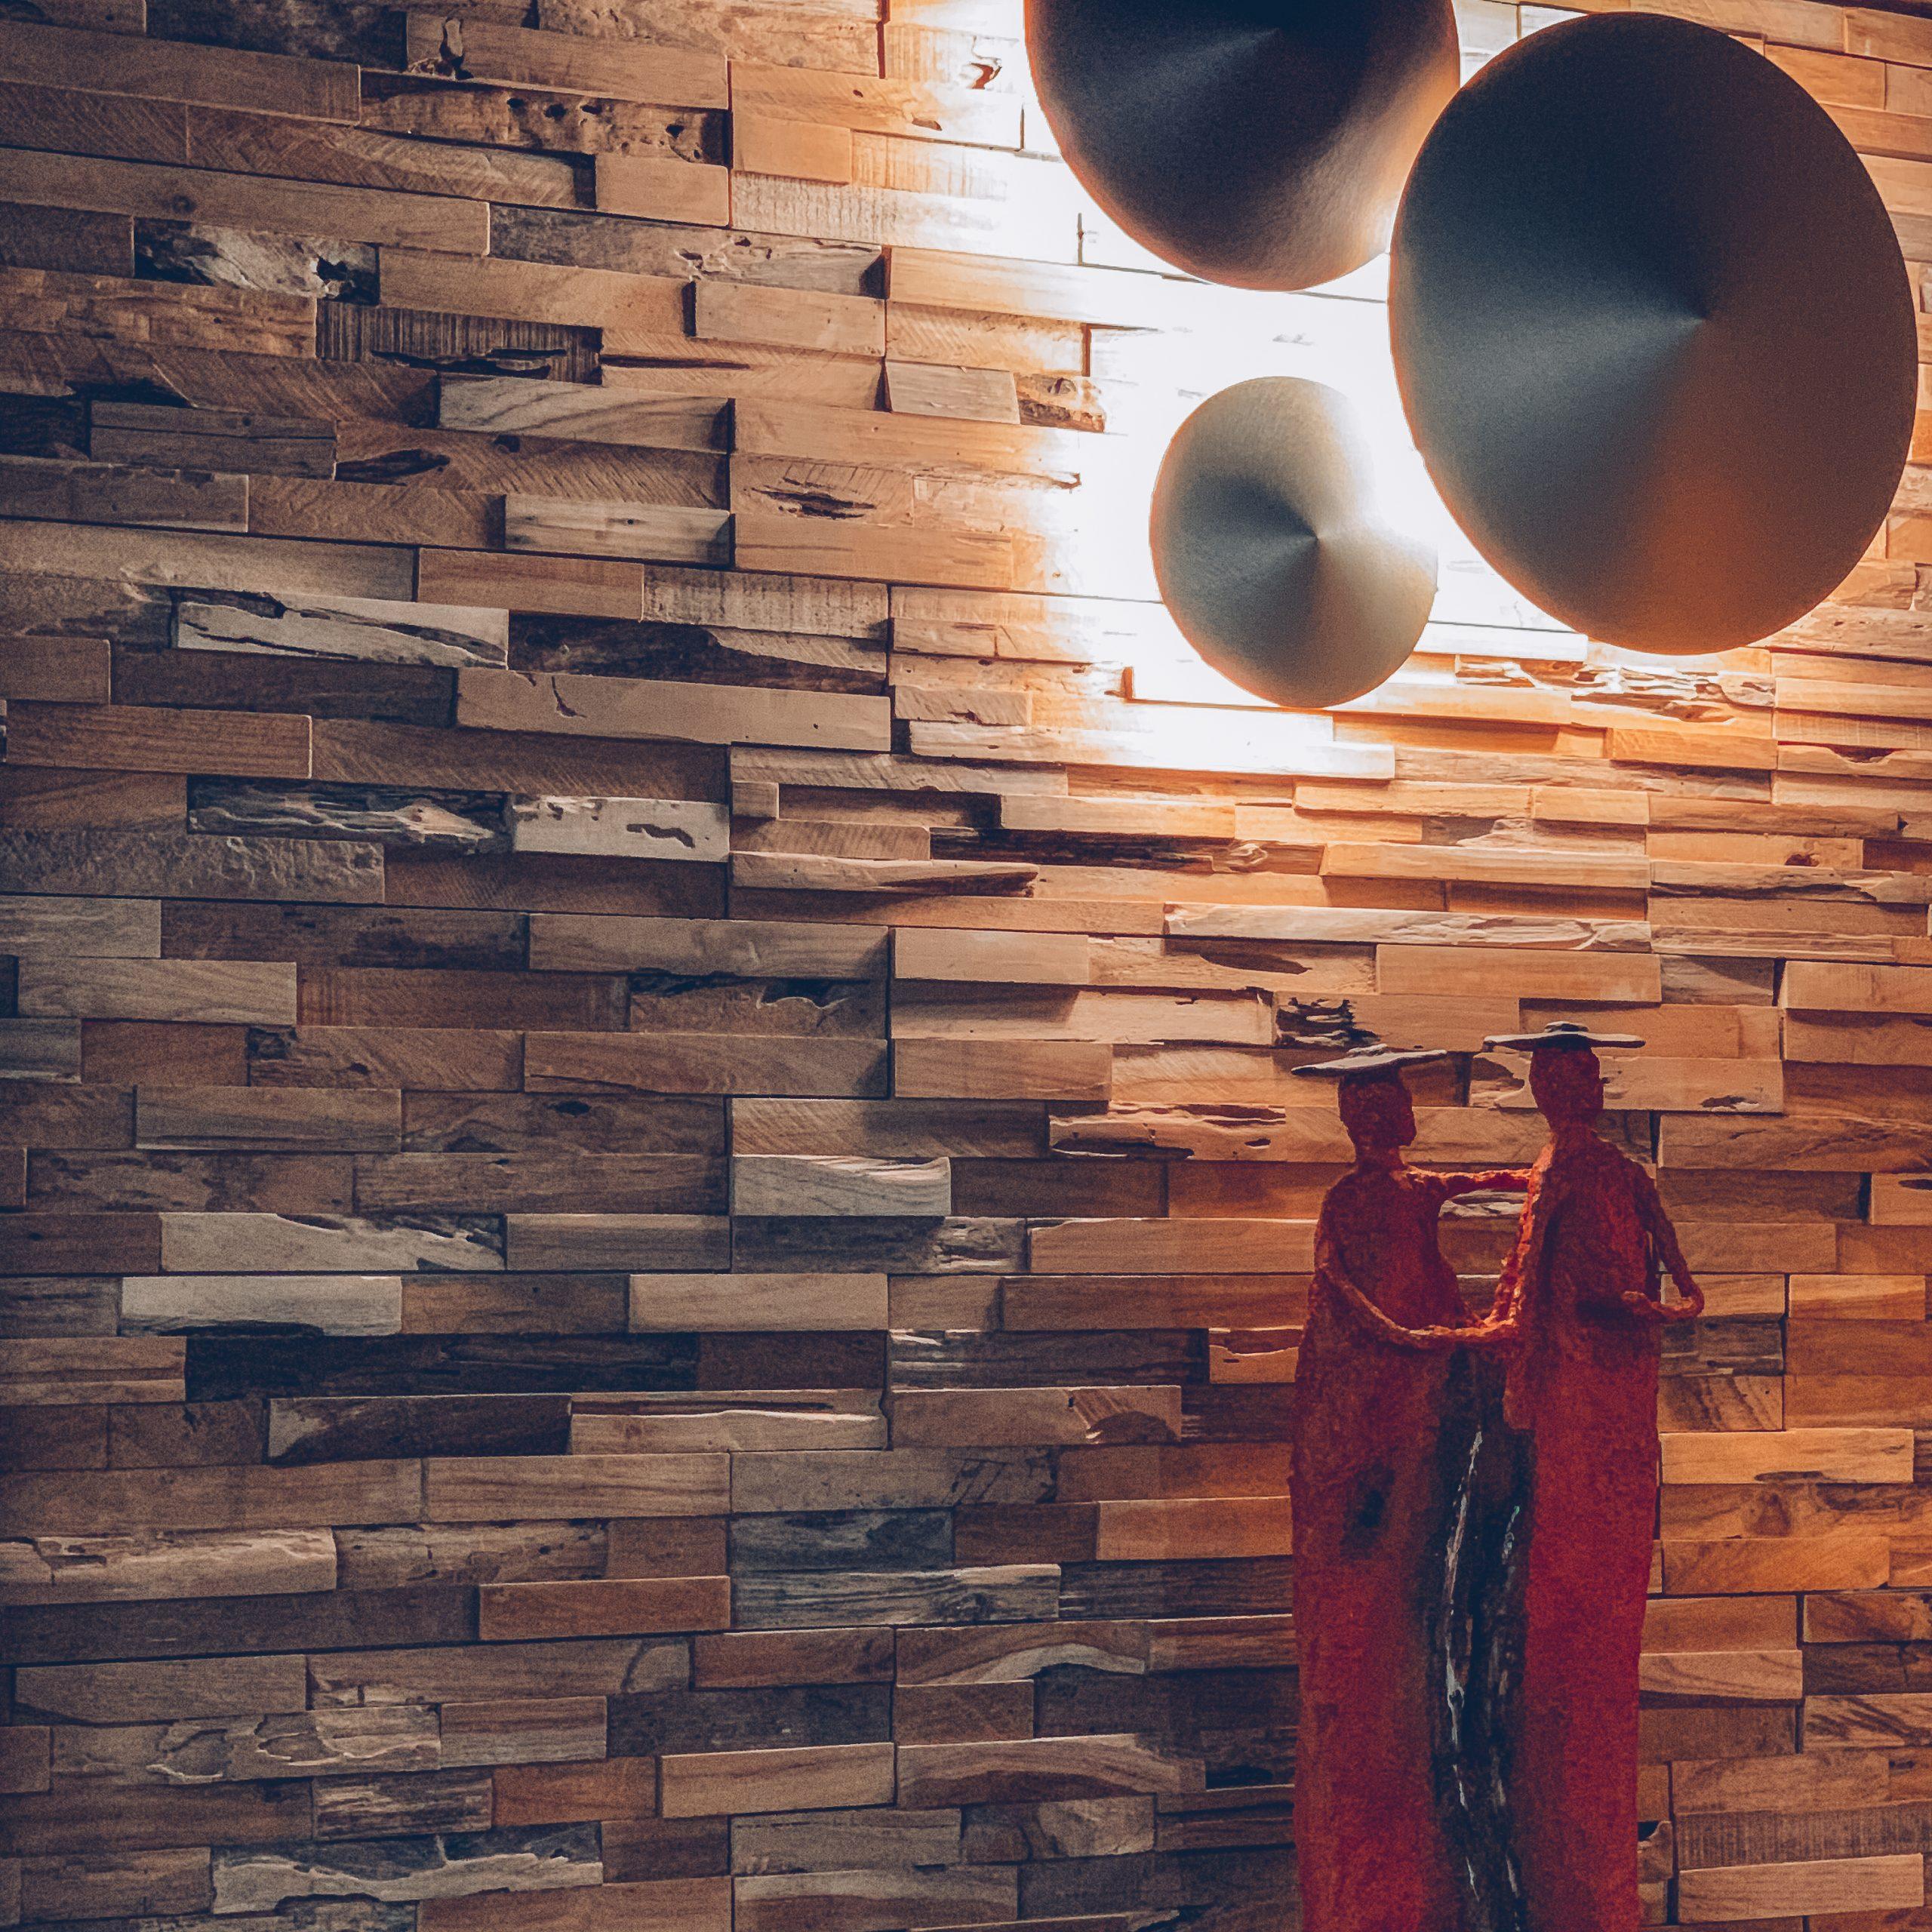 décoration murale tendance, lampes modernes, statues décoration intérieure, mur en bois, statues rouges, magasin de décoration belgique, jn interiors, jour et nuit liège verviers